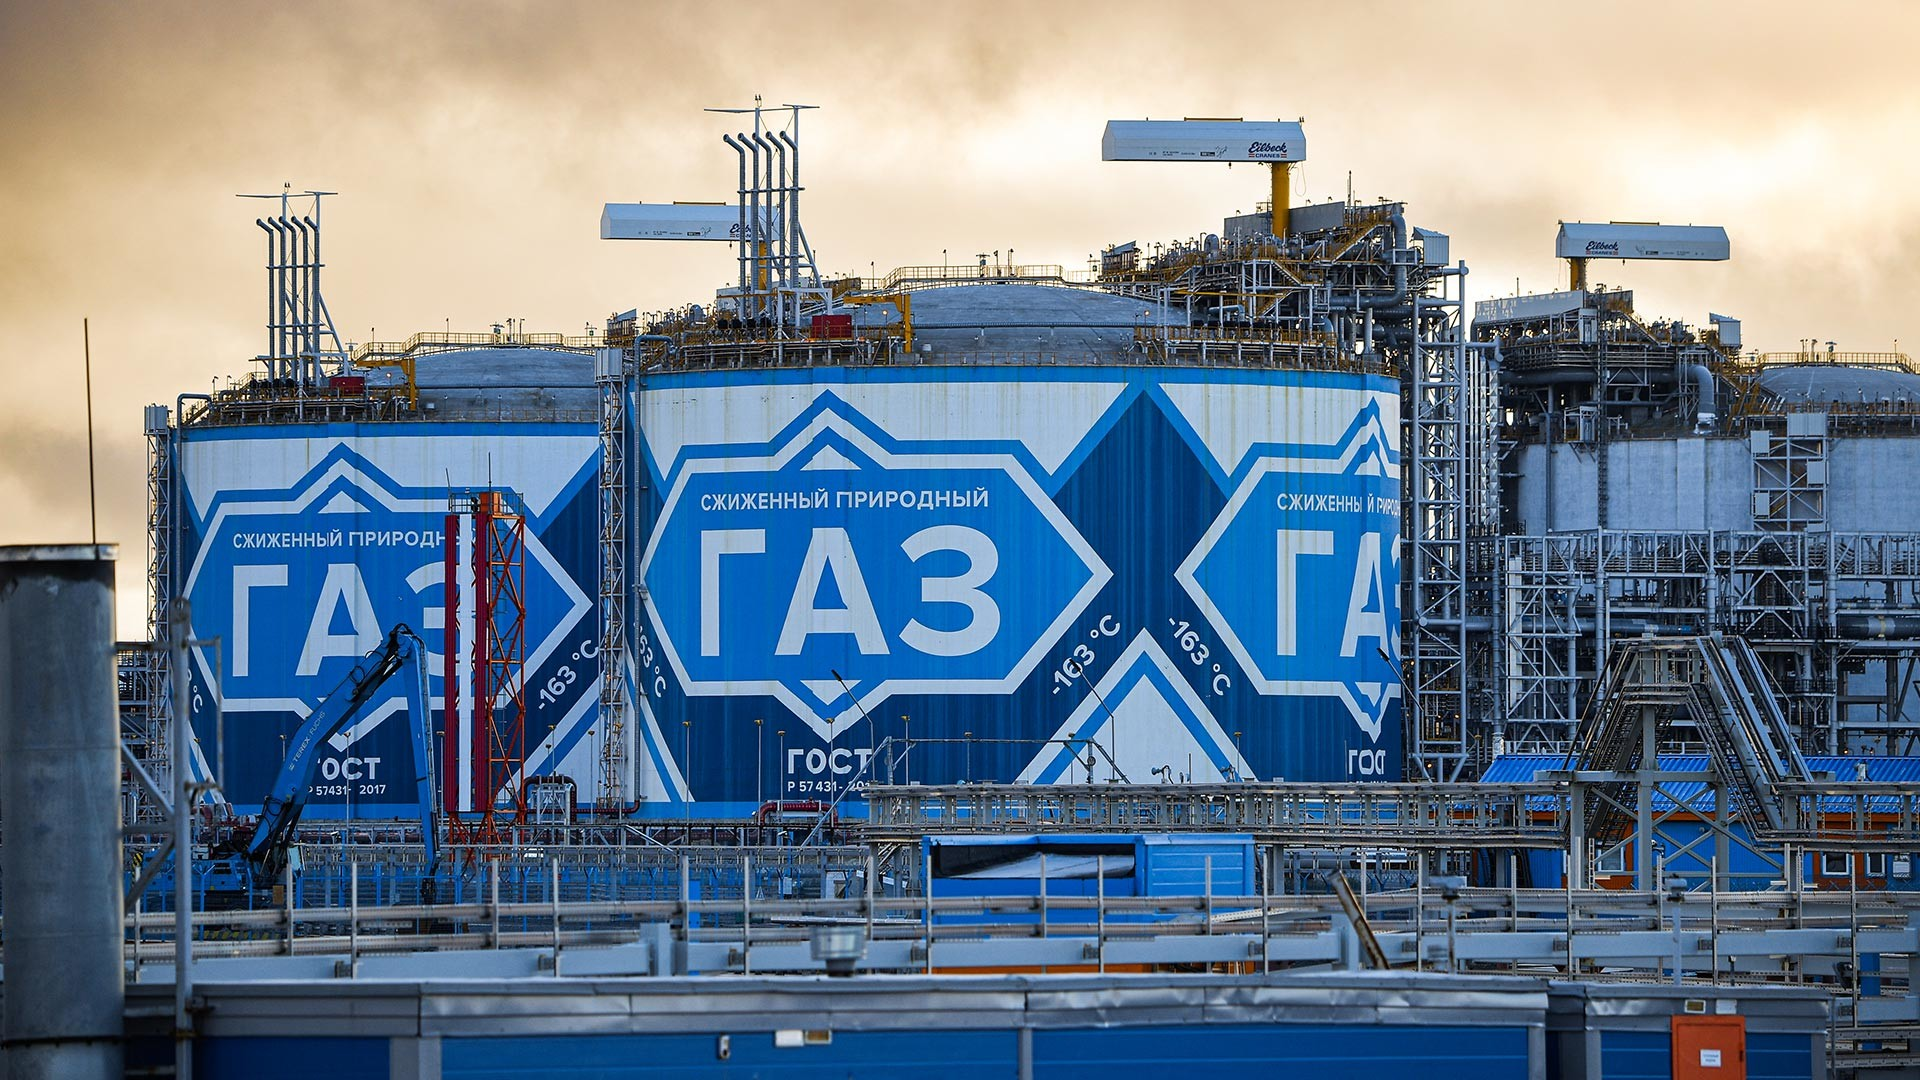 Pabrik gas Yamal SPG.